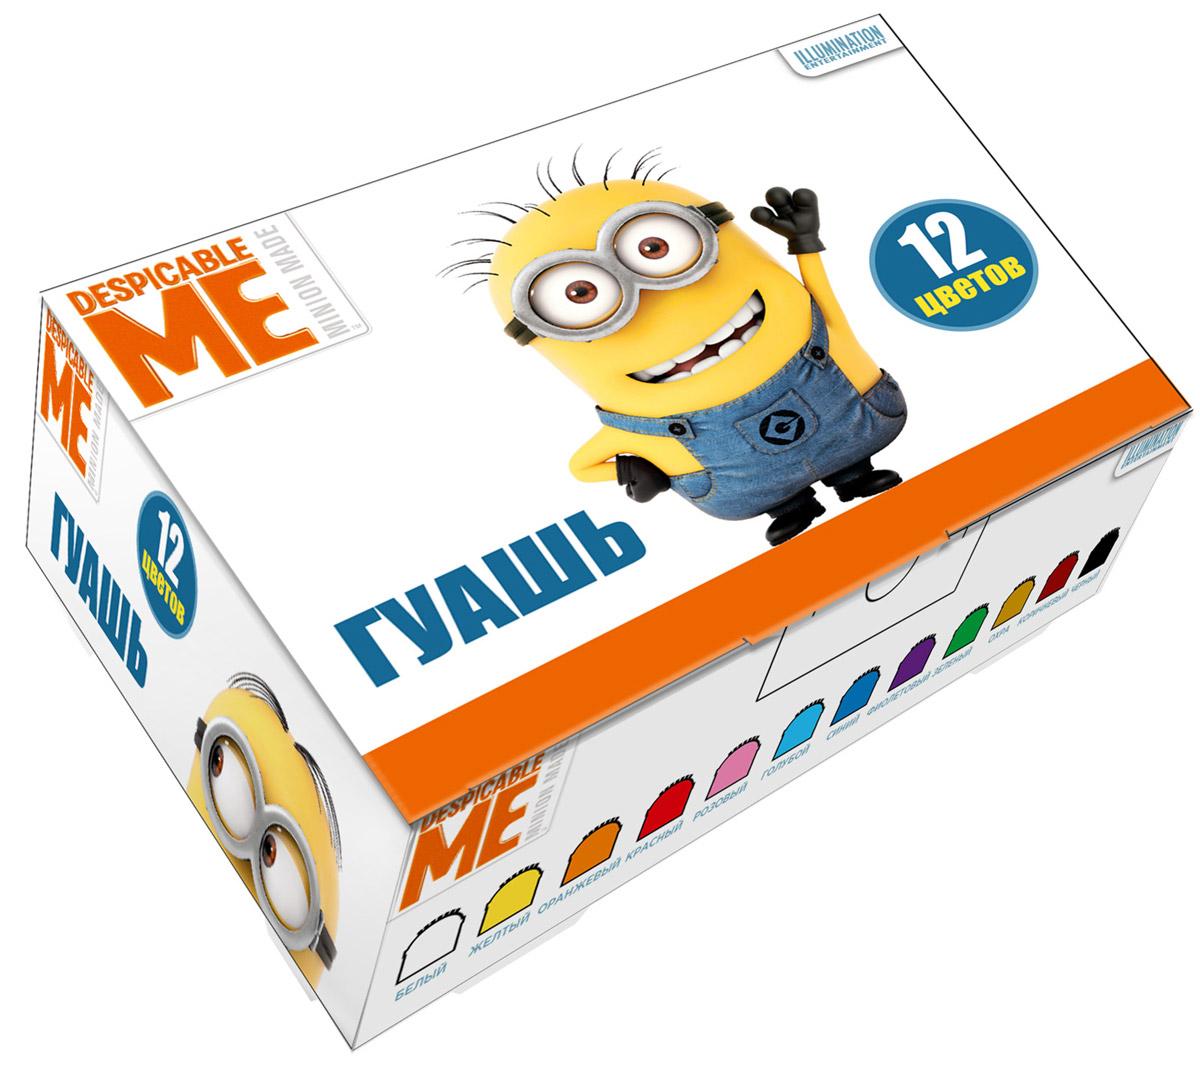 Universal Миньоны Гуашь Гадкий Я 12 цветов mymei 1 комплект 12шт набор гадкий я 2 миньоны рисунок игрушки в розницу 96408